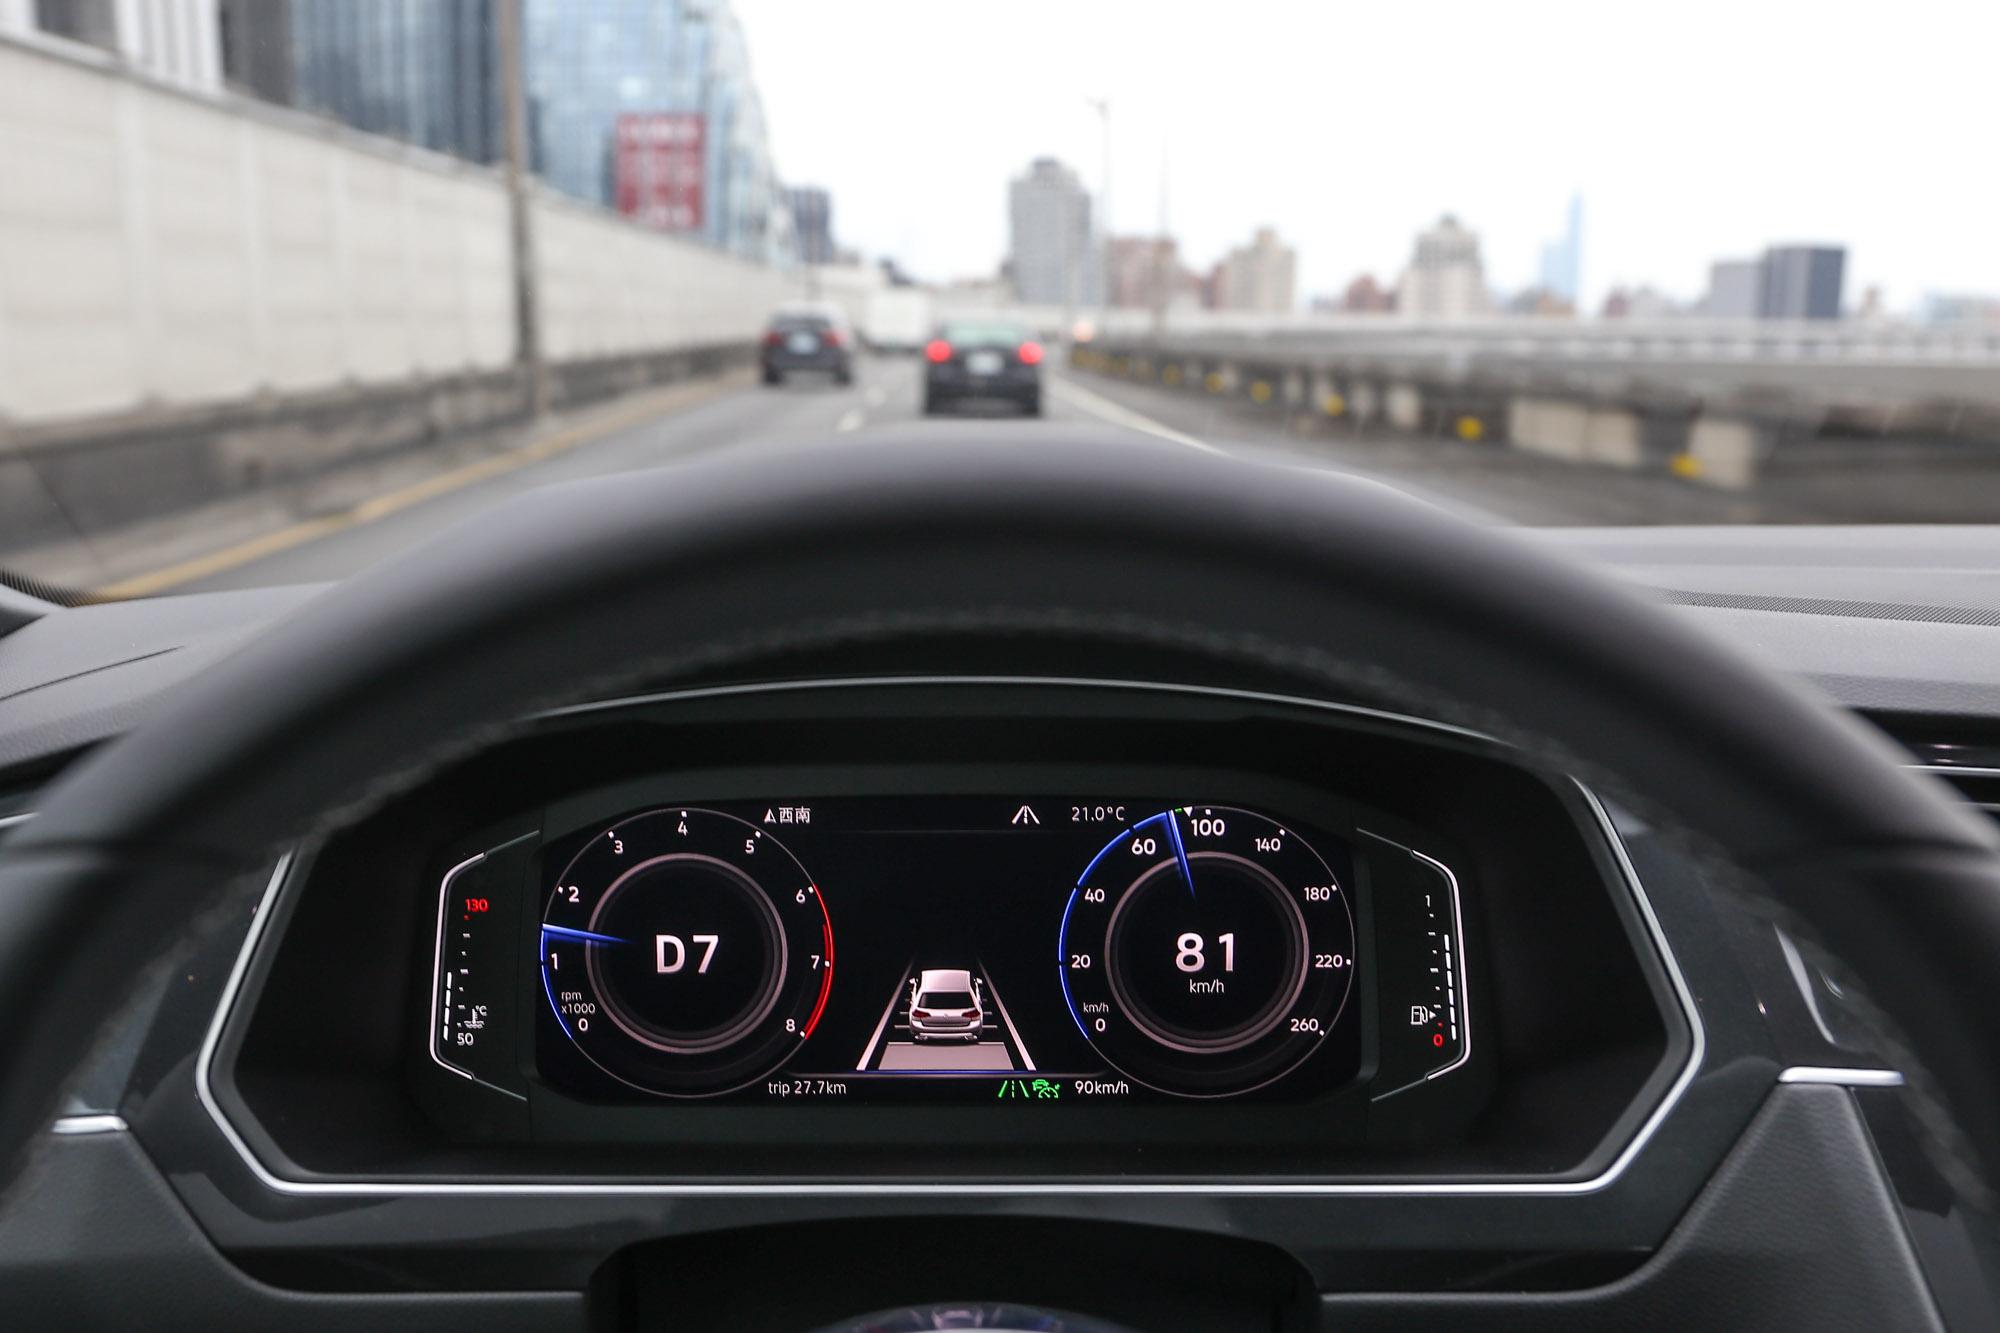 透過ACC主動式固定車距巡航系統與主動式車道修正輔助系統的作動,可以大幅減少如高速公路長途駕駛的精神與體力負擔。